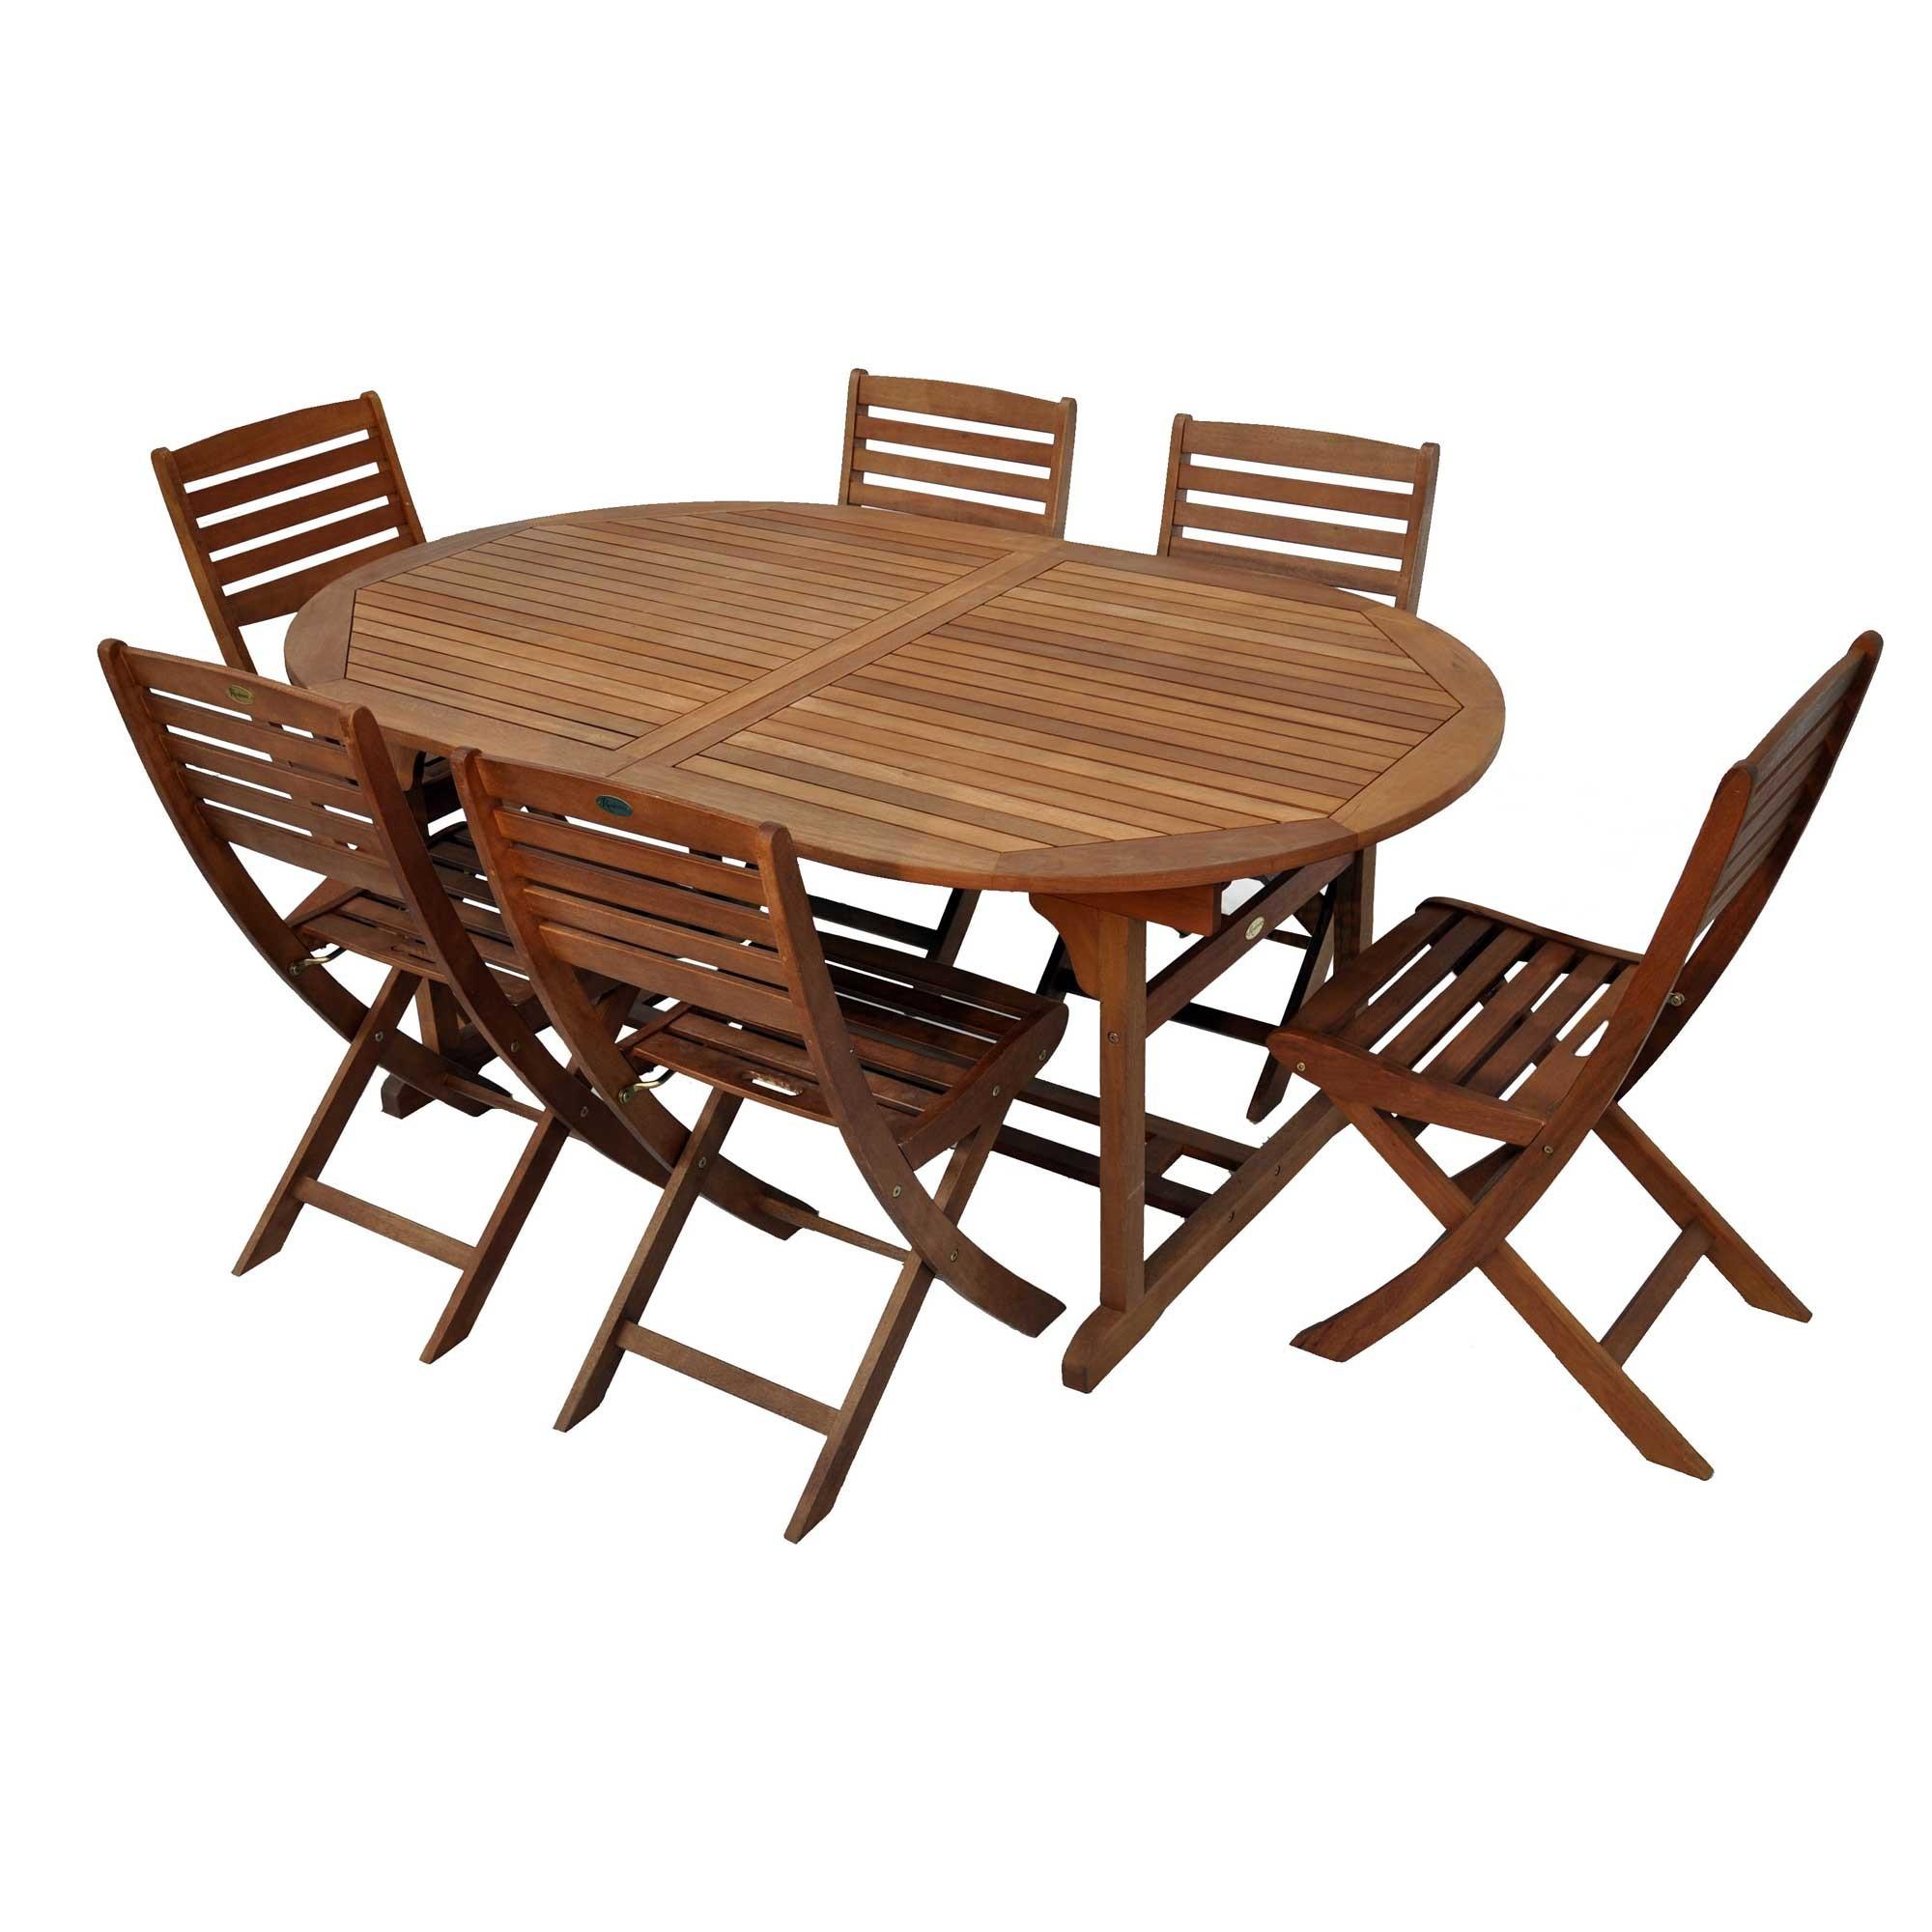 Abri De Jardin Carrefour Nouveau Collection Table Et Chaise Pliante Chaise Pliante Carrefour Canape Carrefour 0d